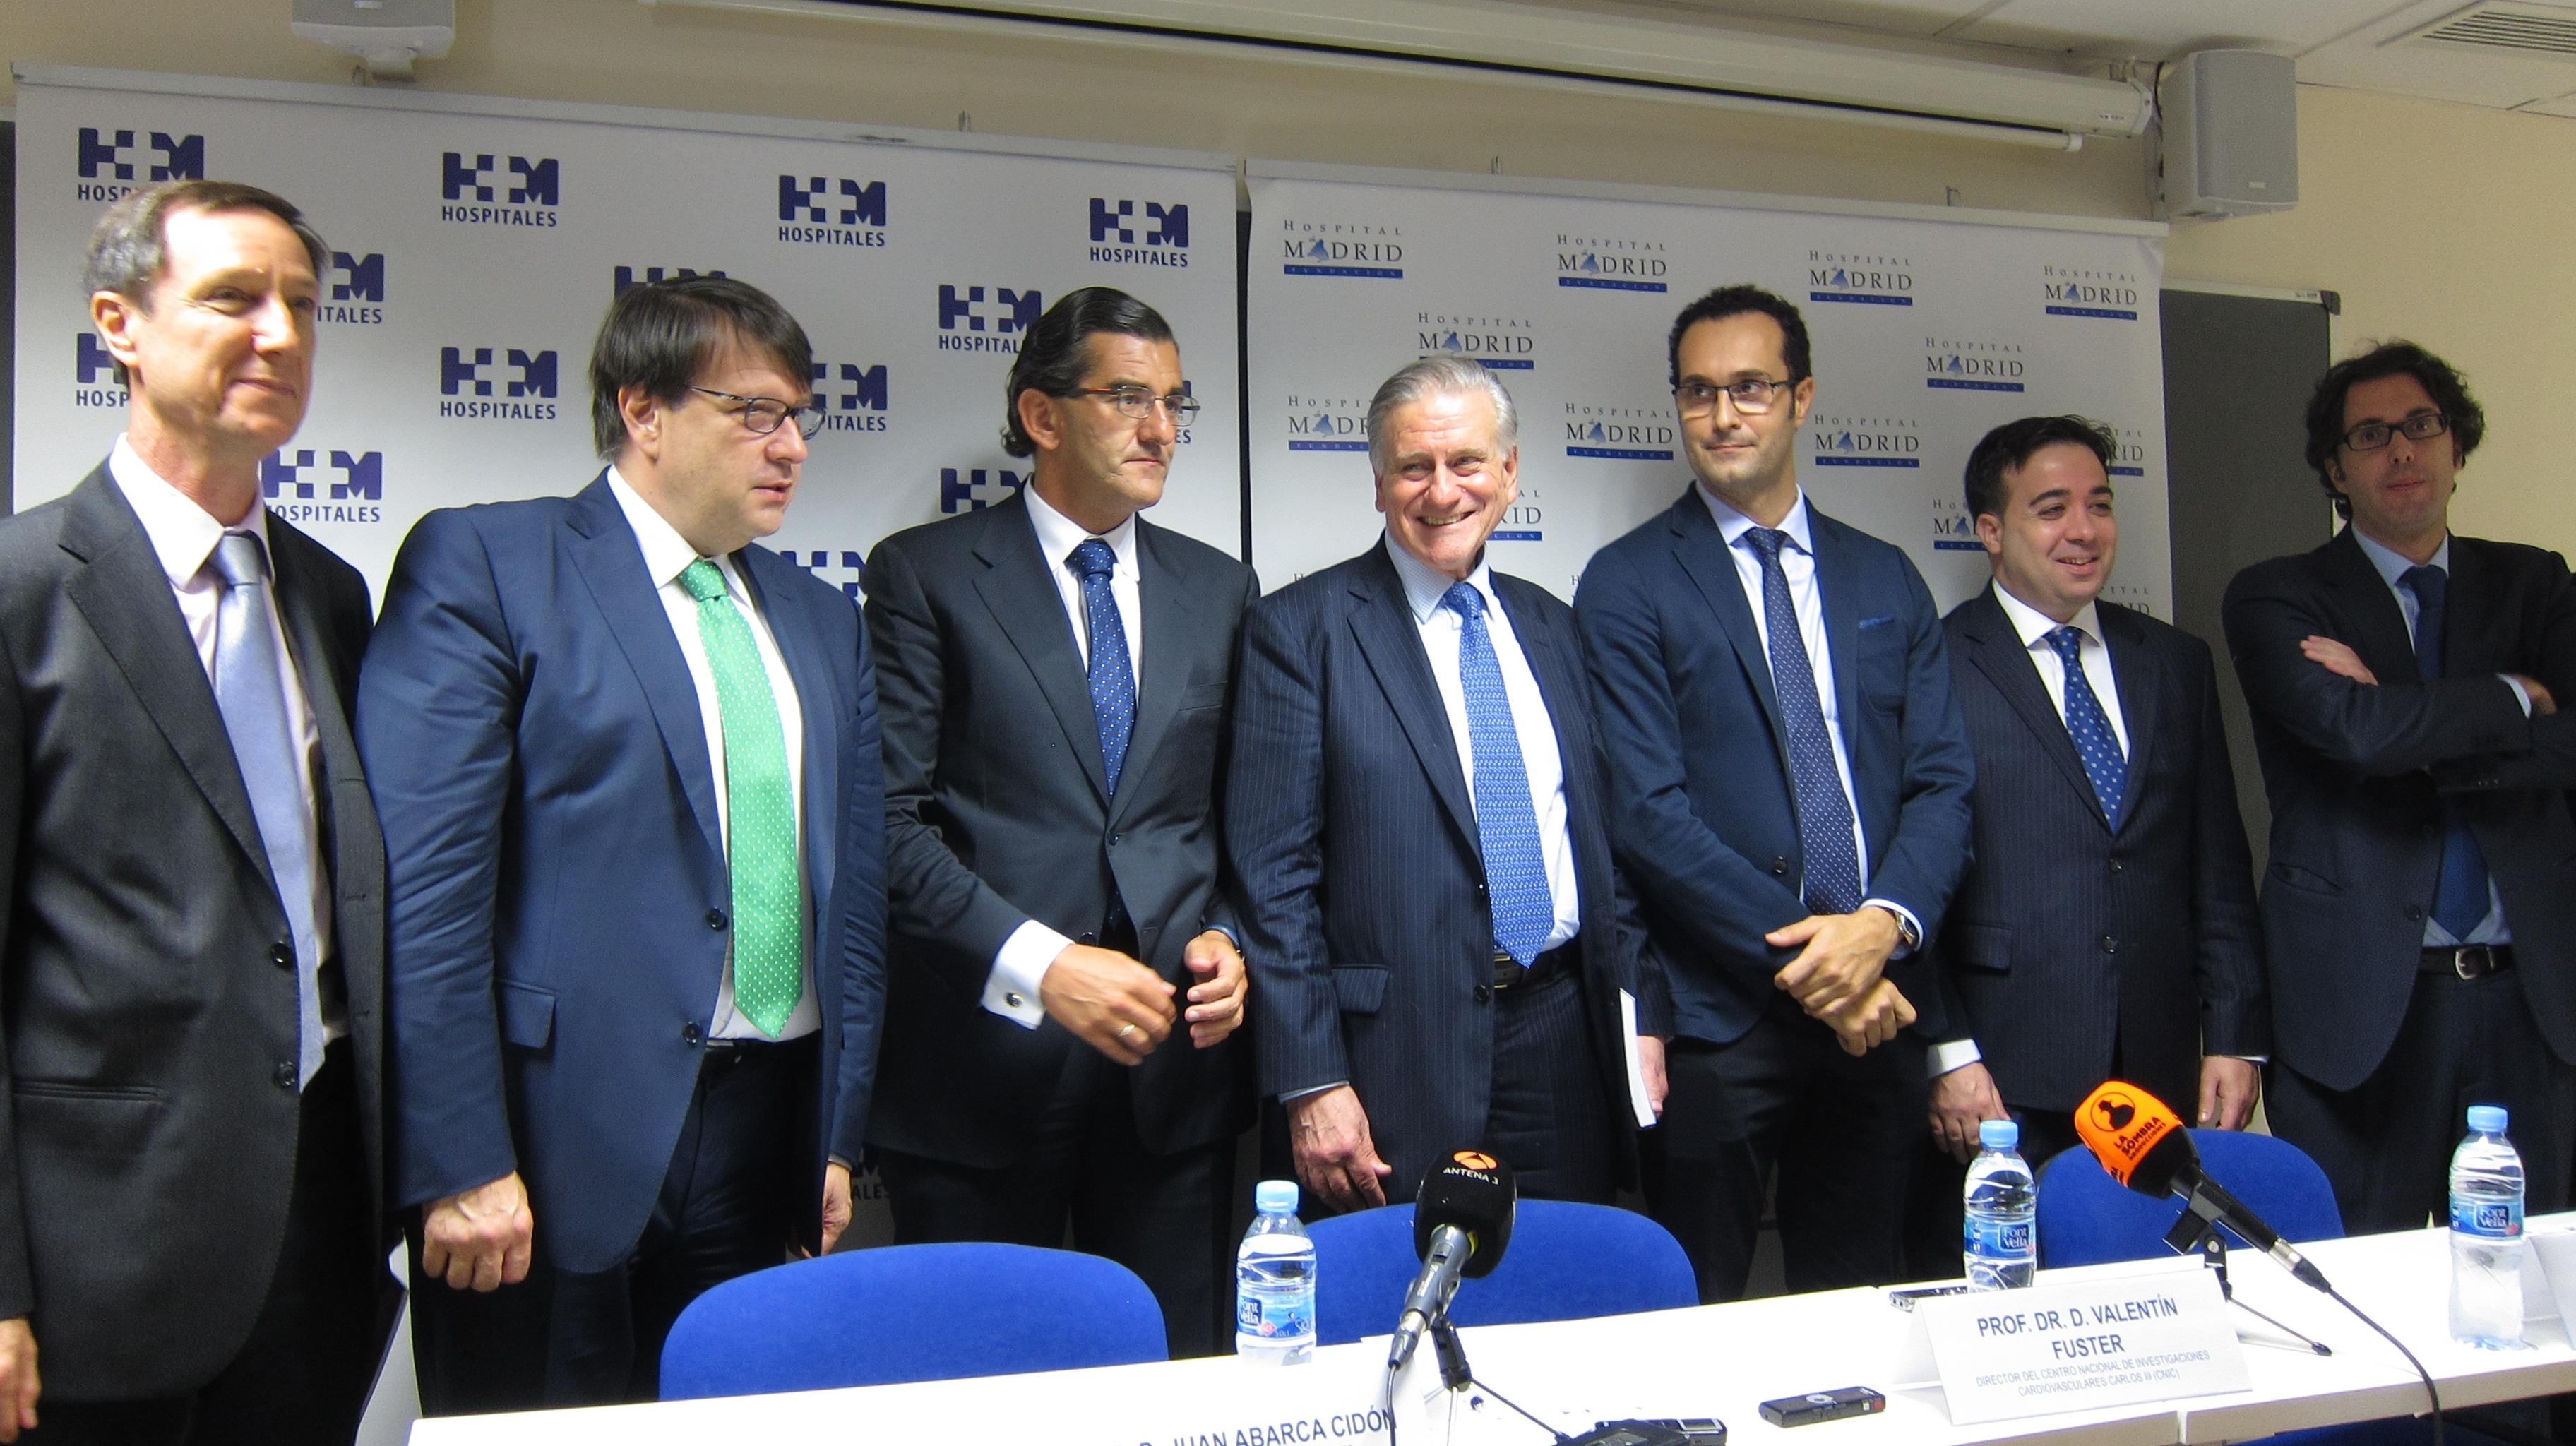 Alumnos de Medicina de CEU San Pablo podrán formarse en Hospital Monte Sinaí (EEUU) en materia cardiovascular